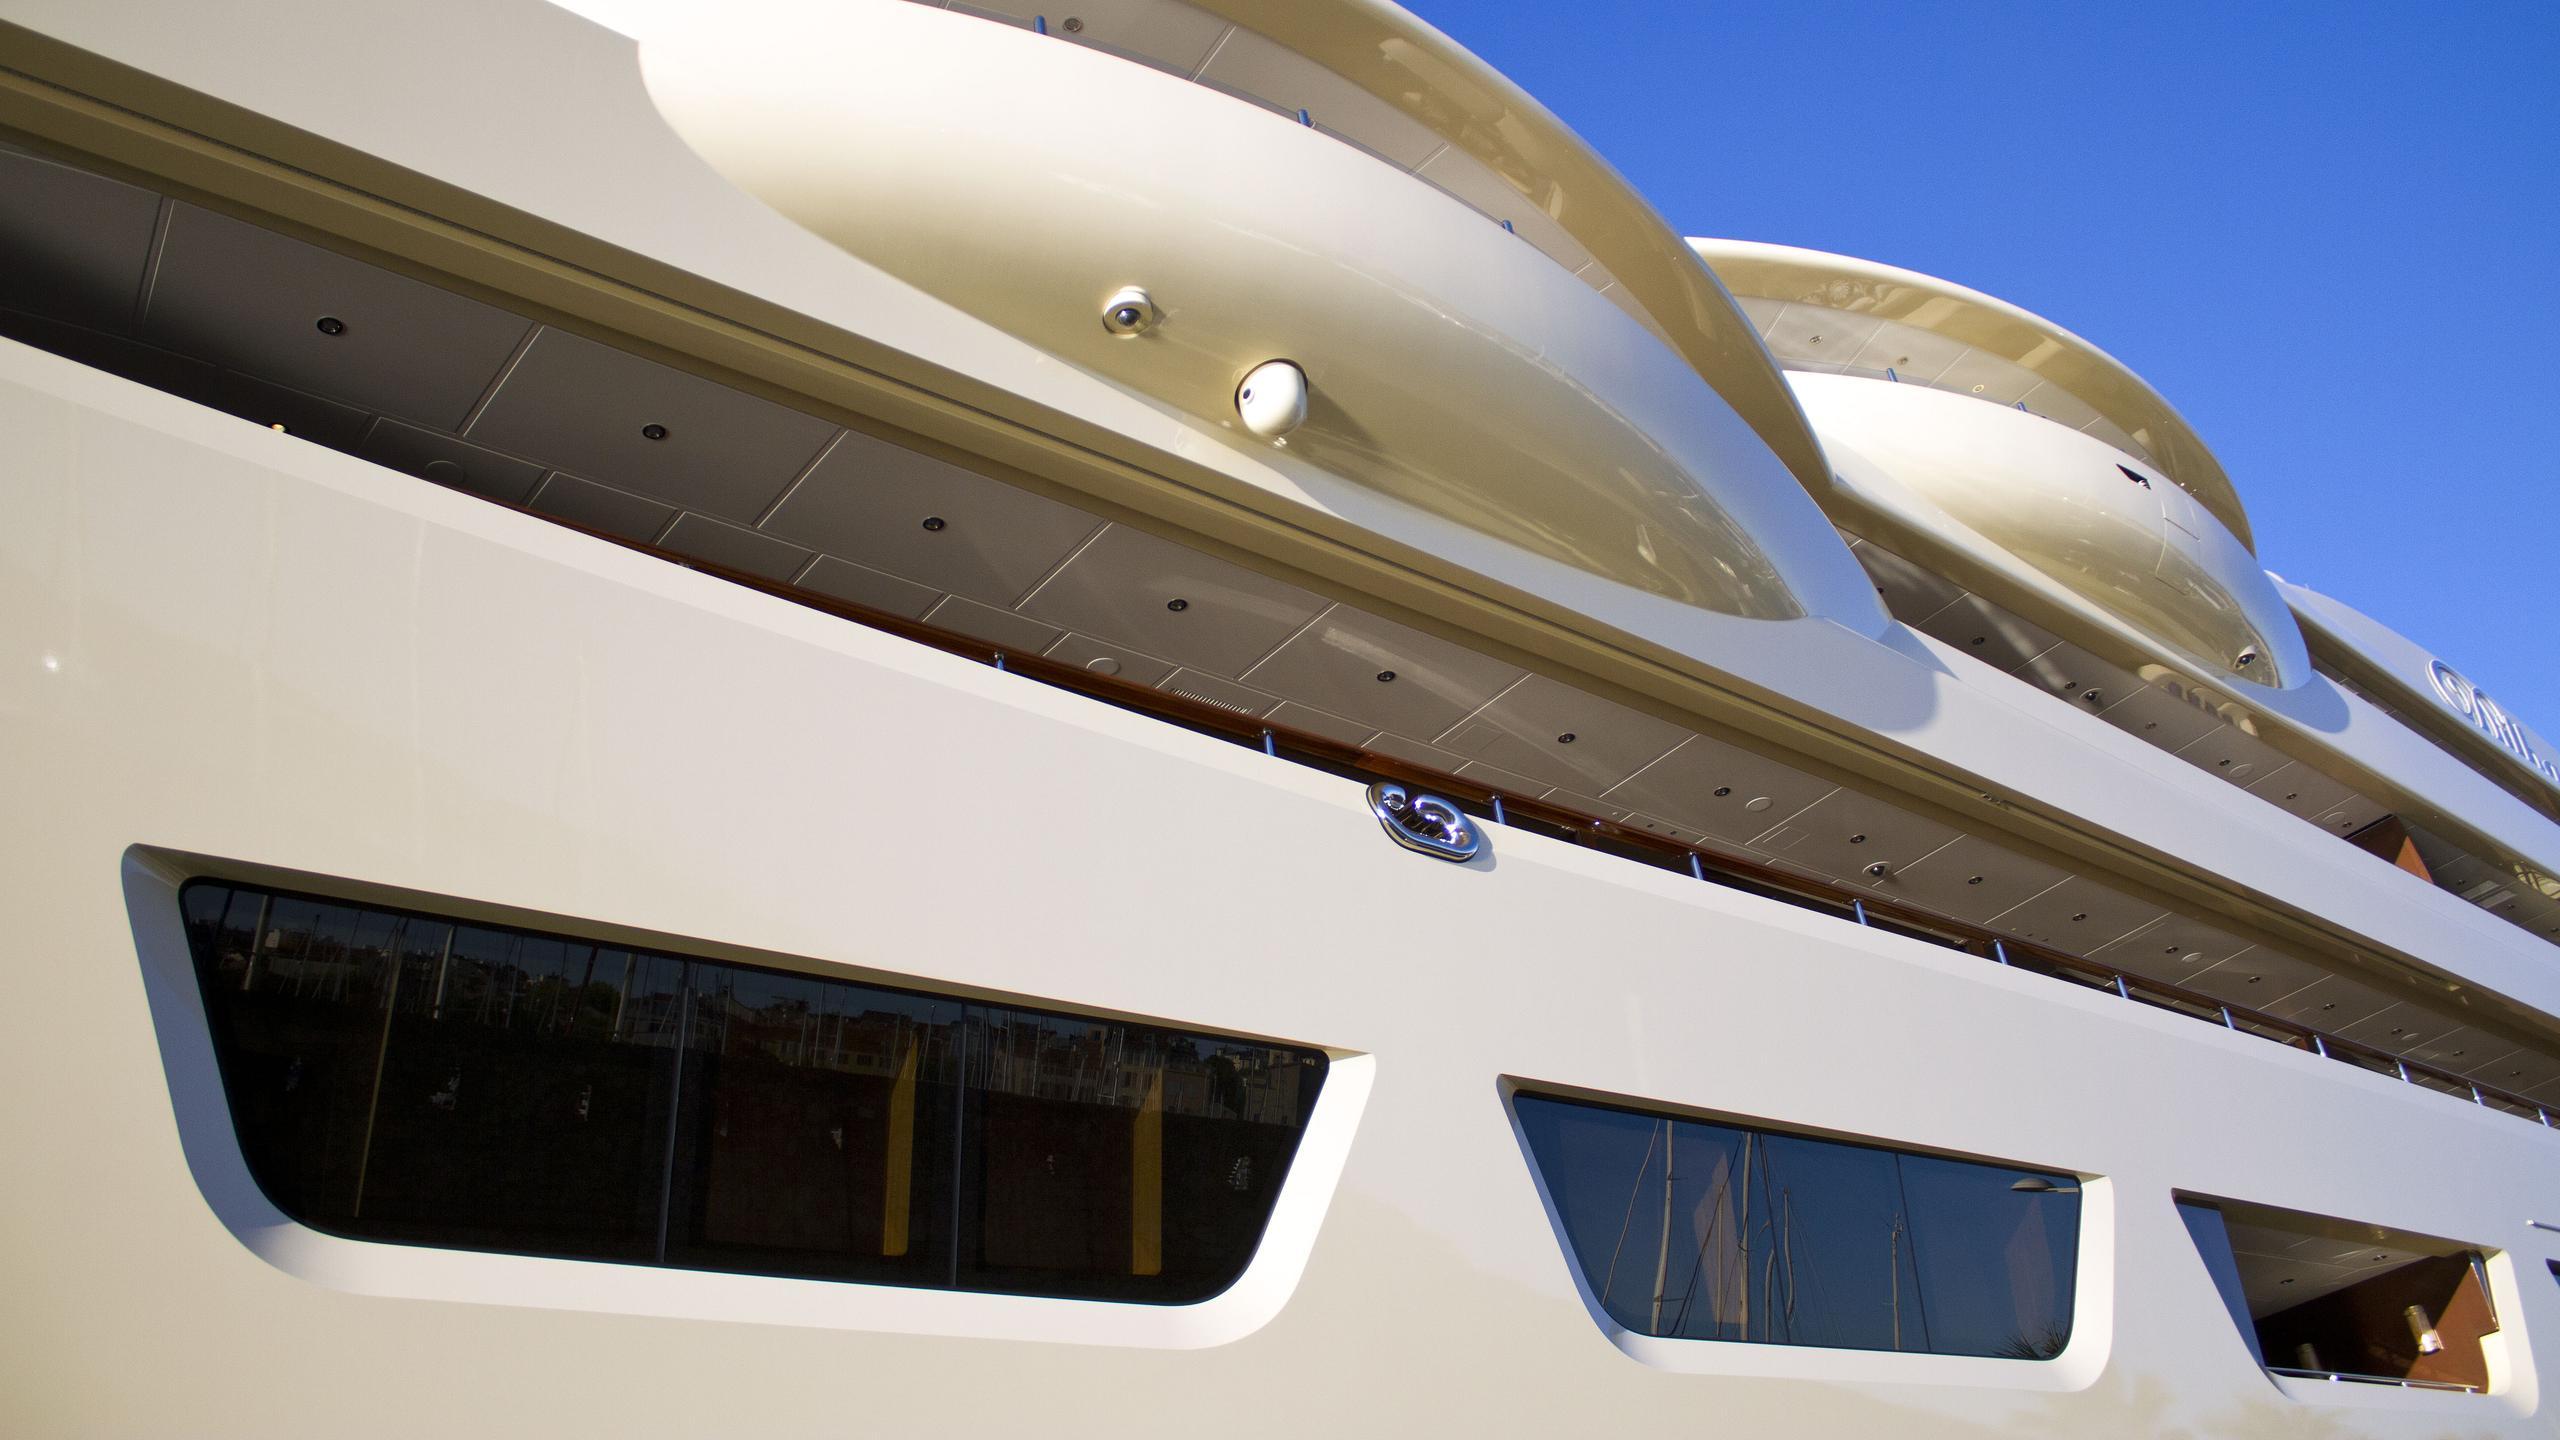 dilbar-motor-yacht-lurssen-2016-156m-side-wings